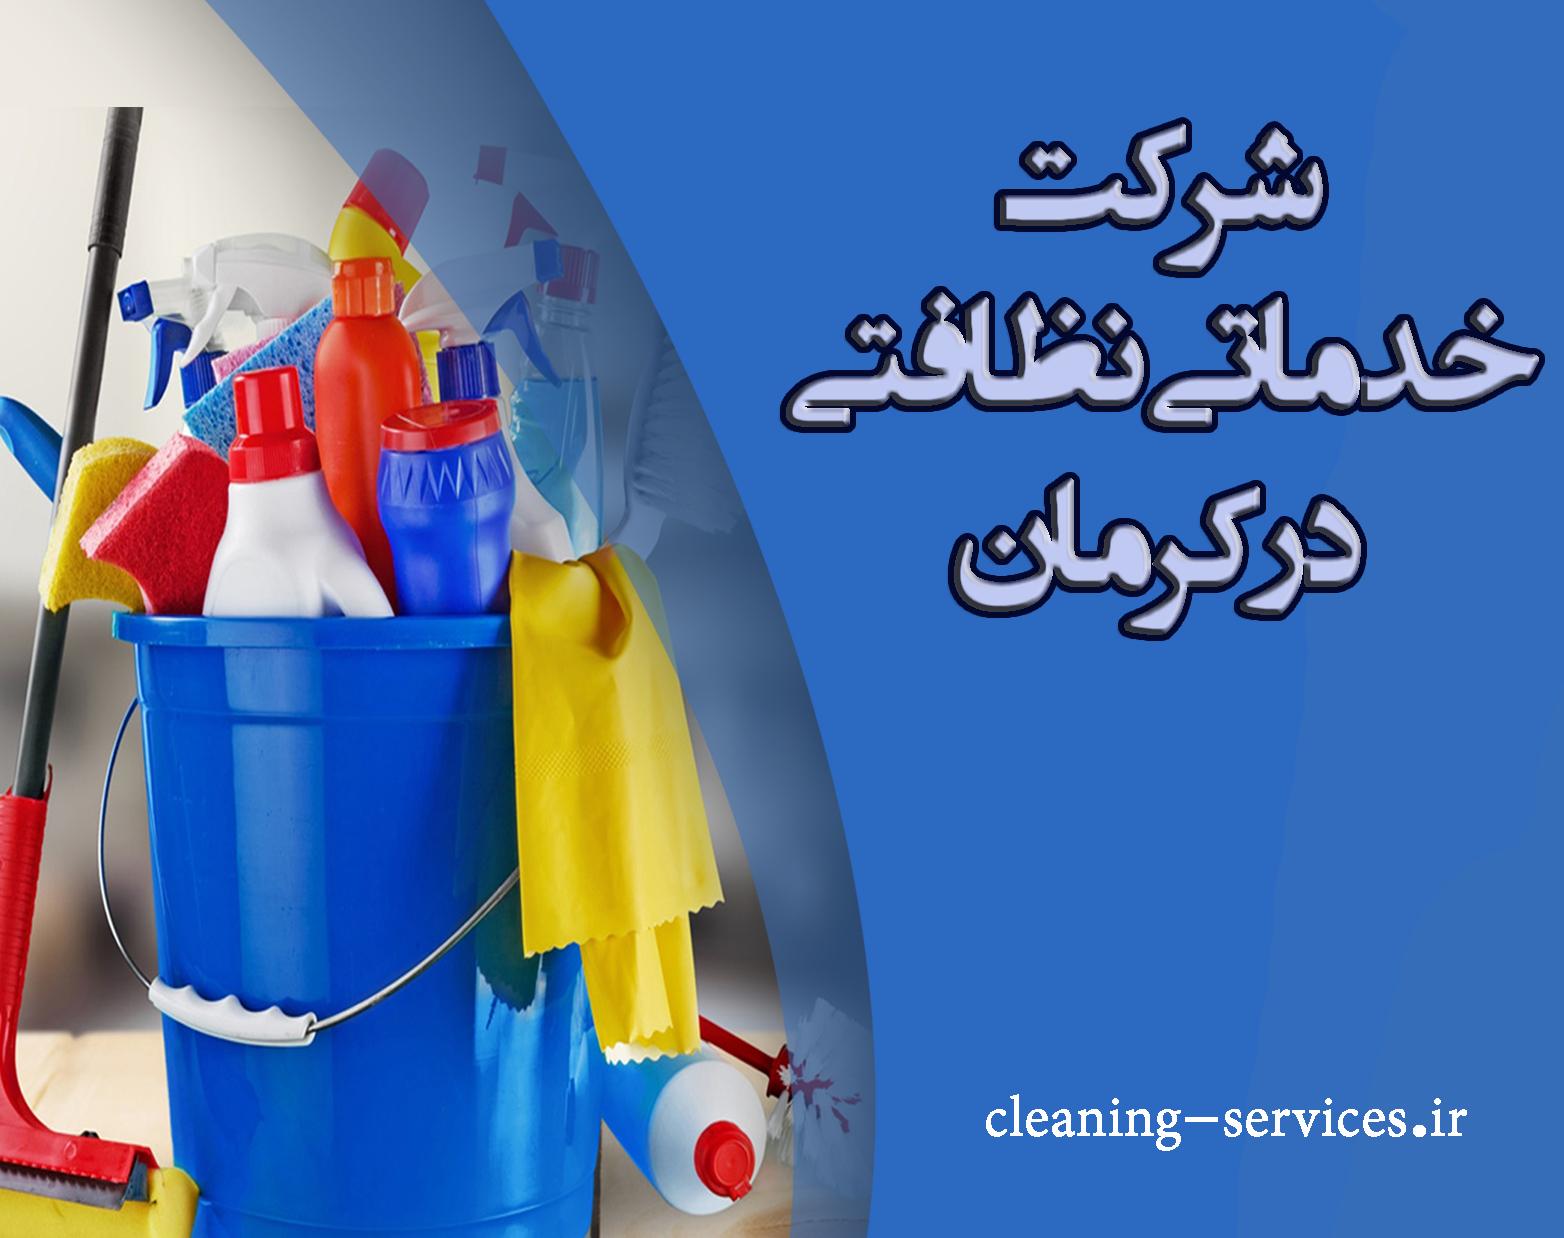 شرکت خدماتی نظافتی در کرمان